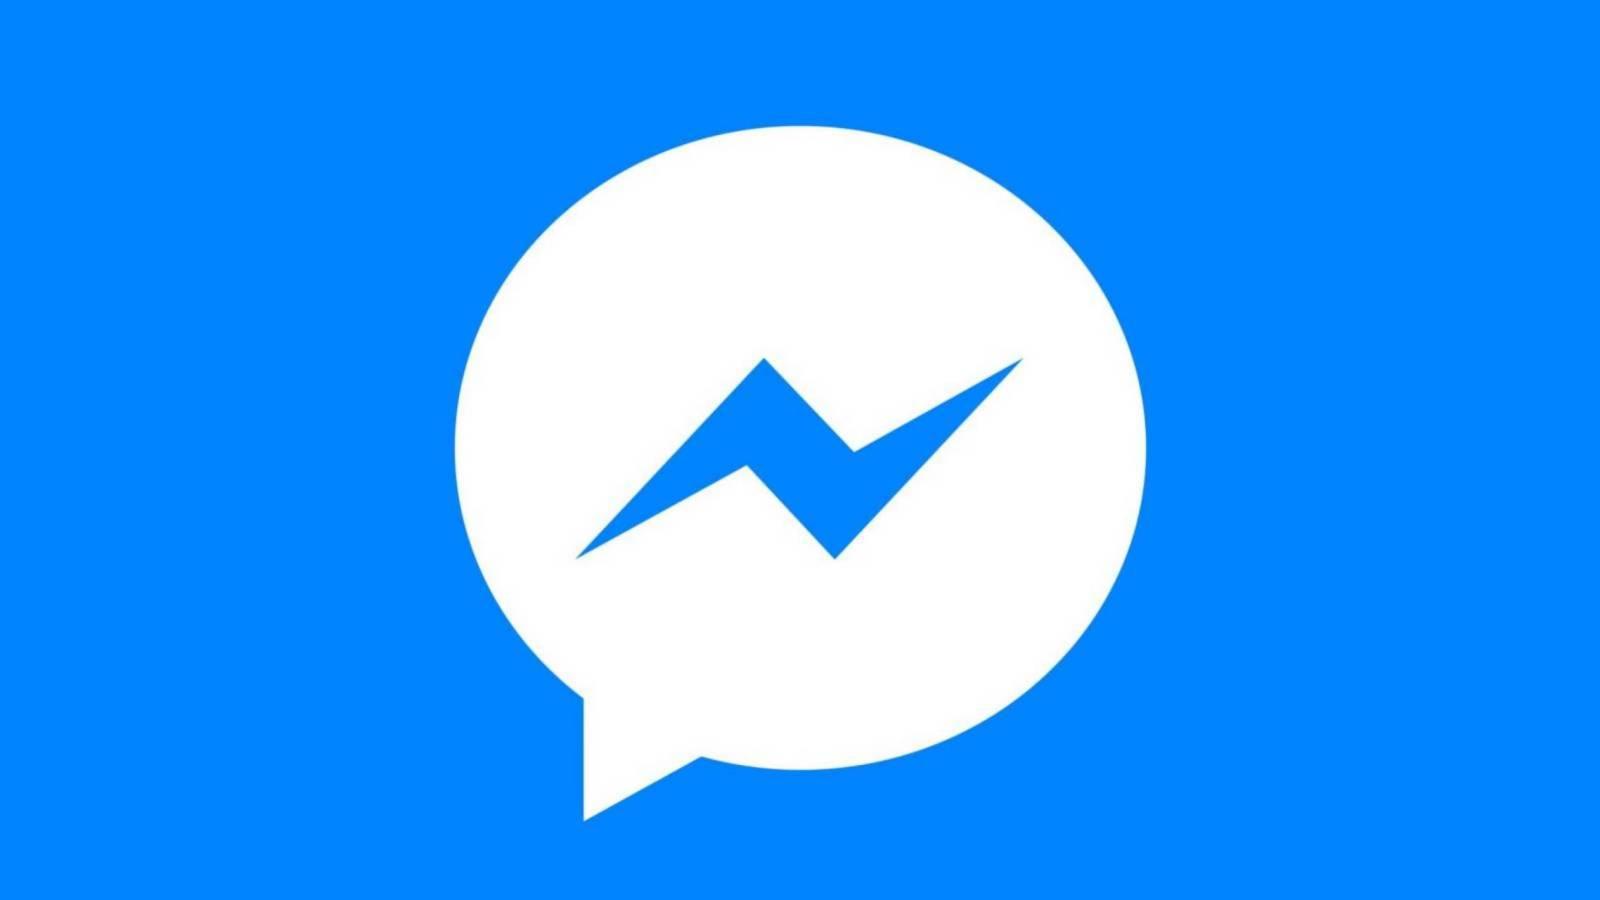 Facebook Messenger bts chat